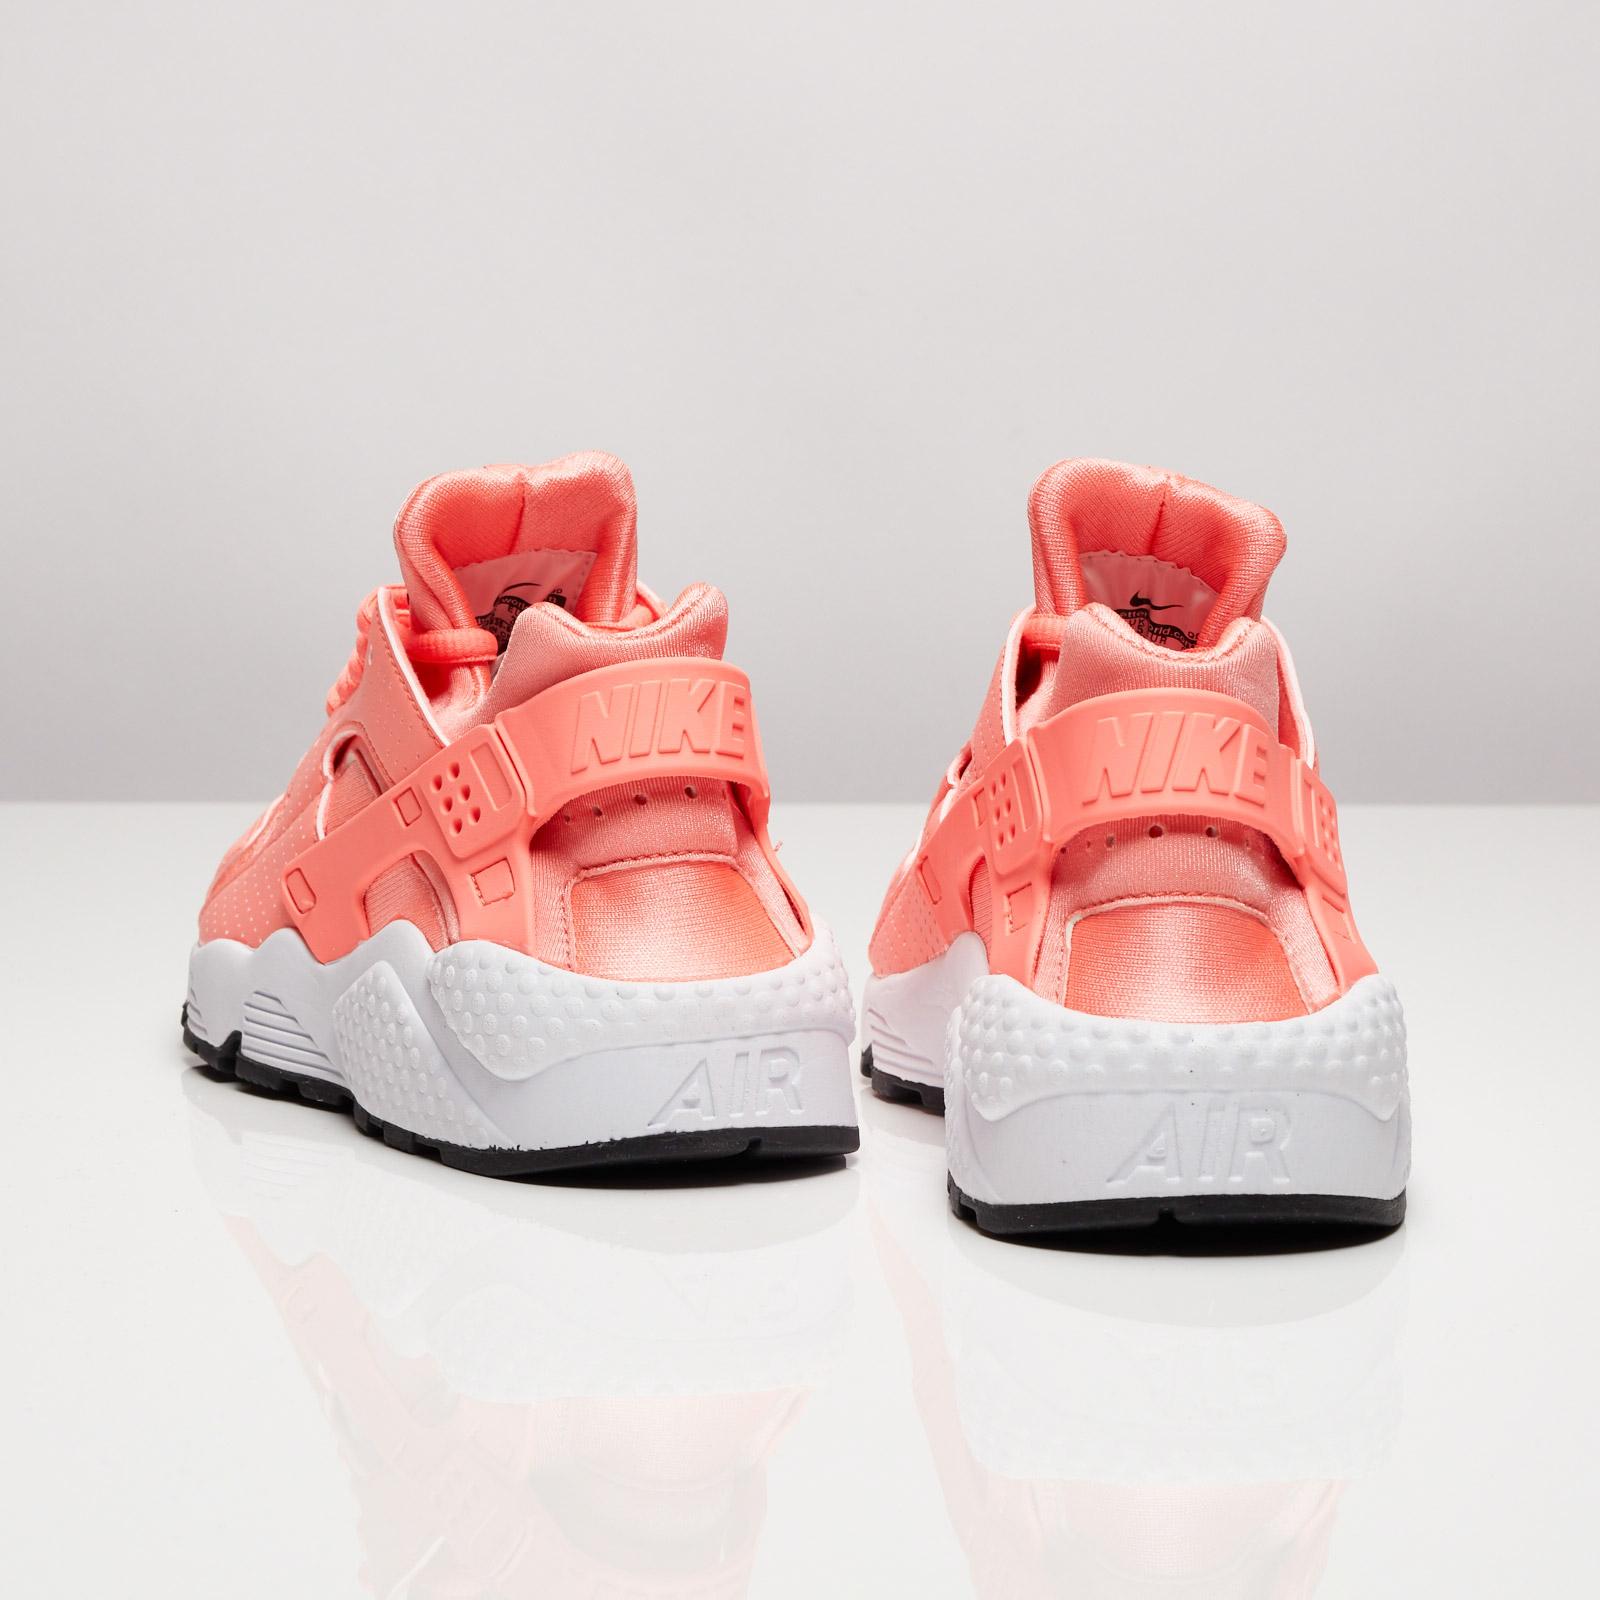 Atomic Pink Nike Wmns Air Huarache Run Nike Wmns Air Huarache Run Nike Wmns Air Huarache Run ...